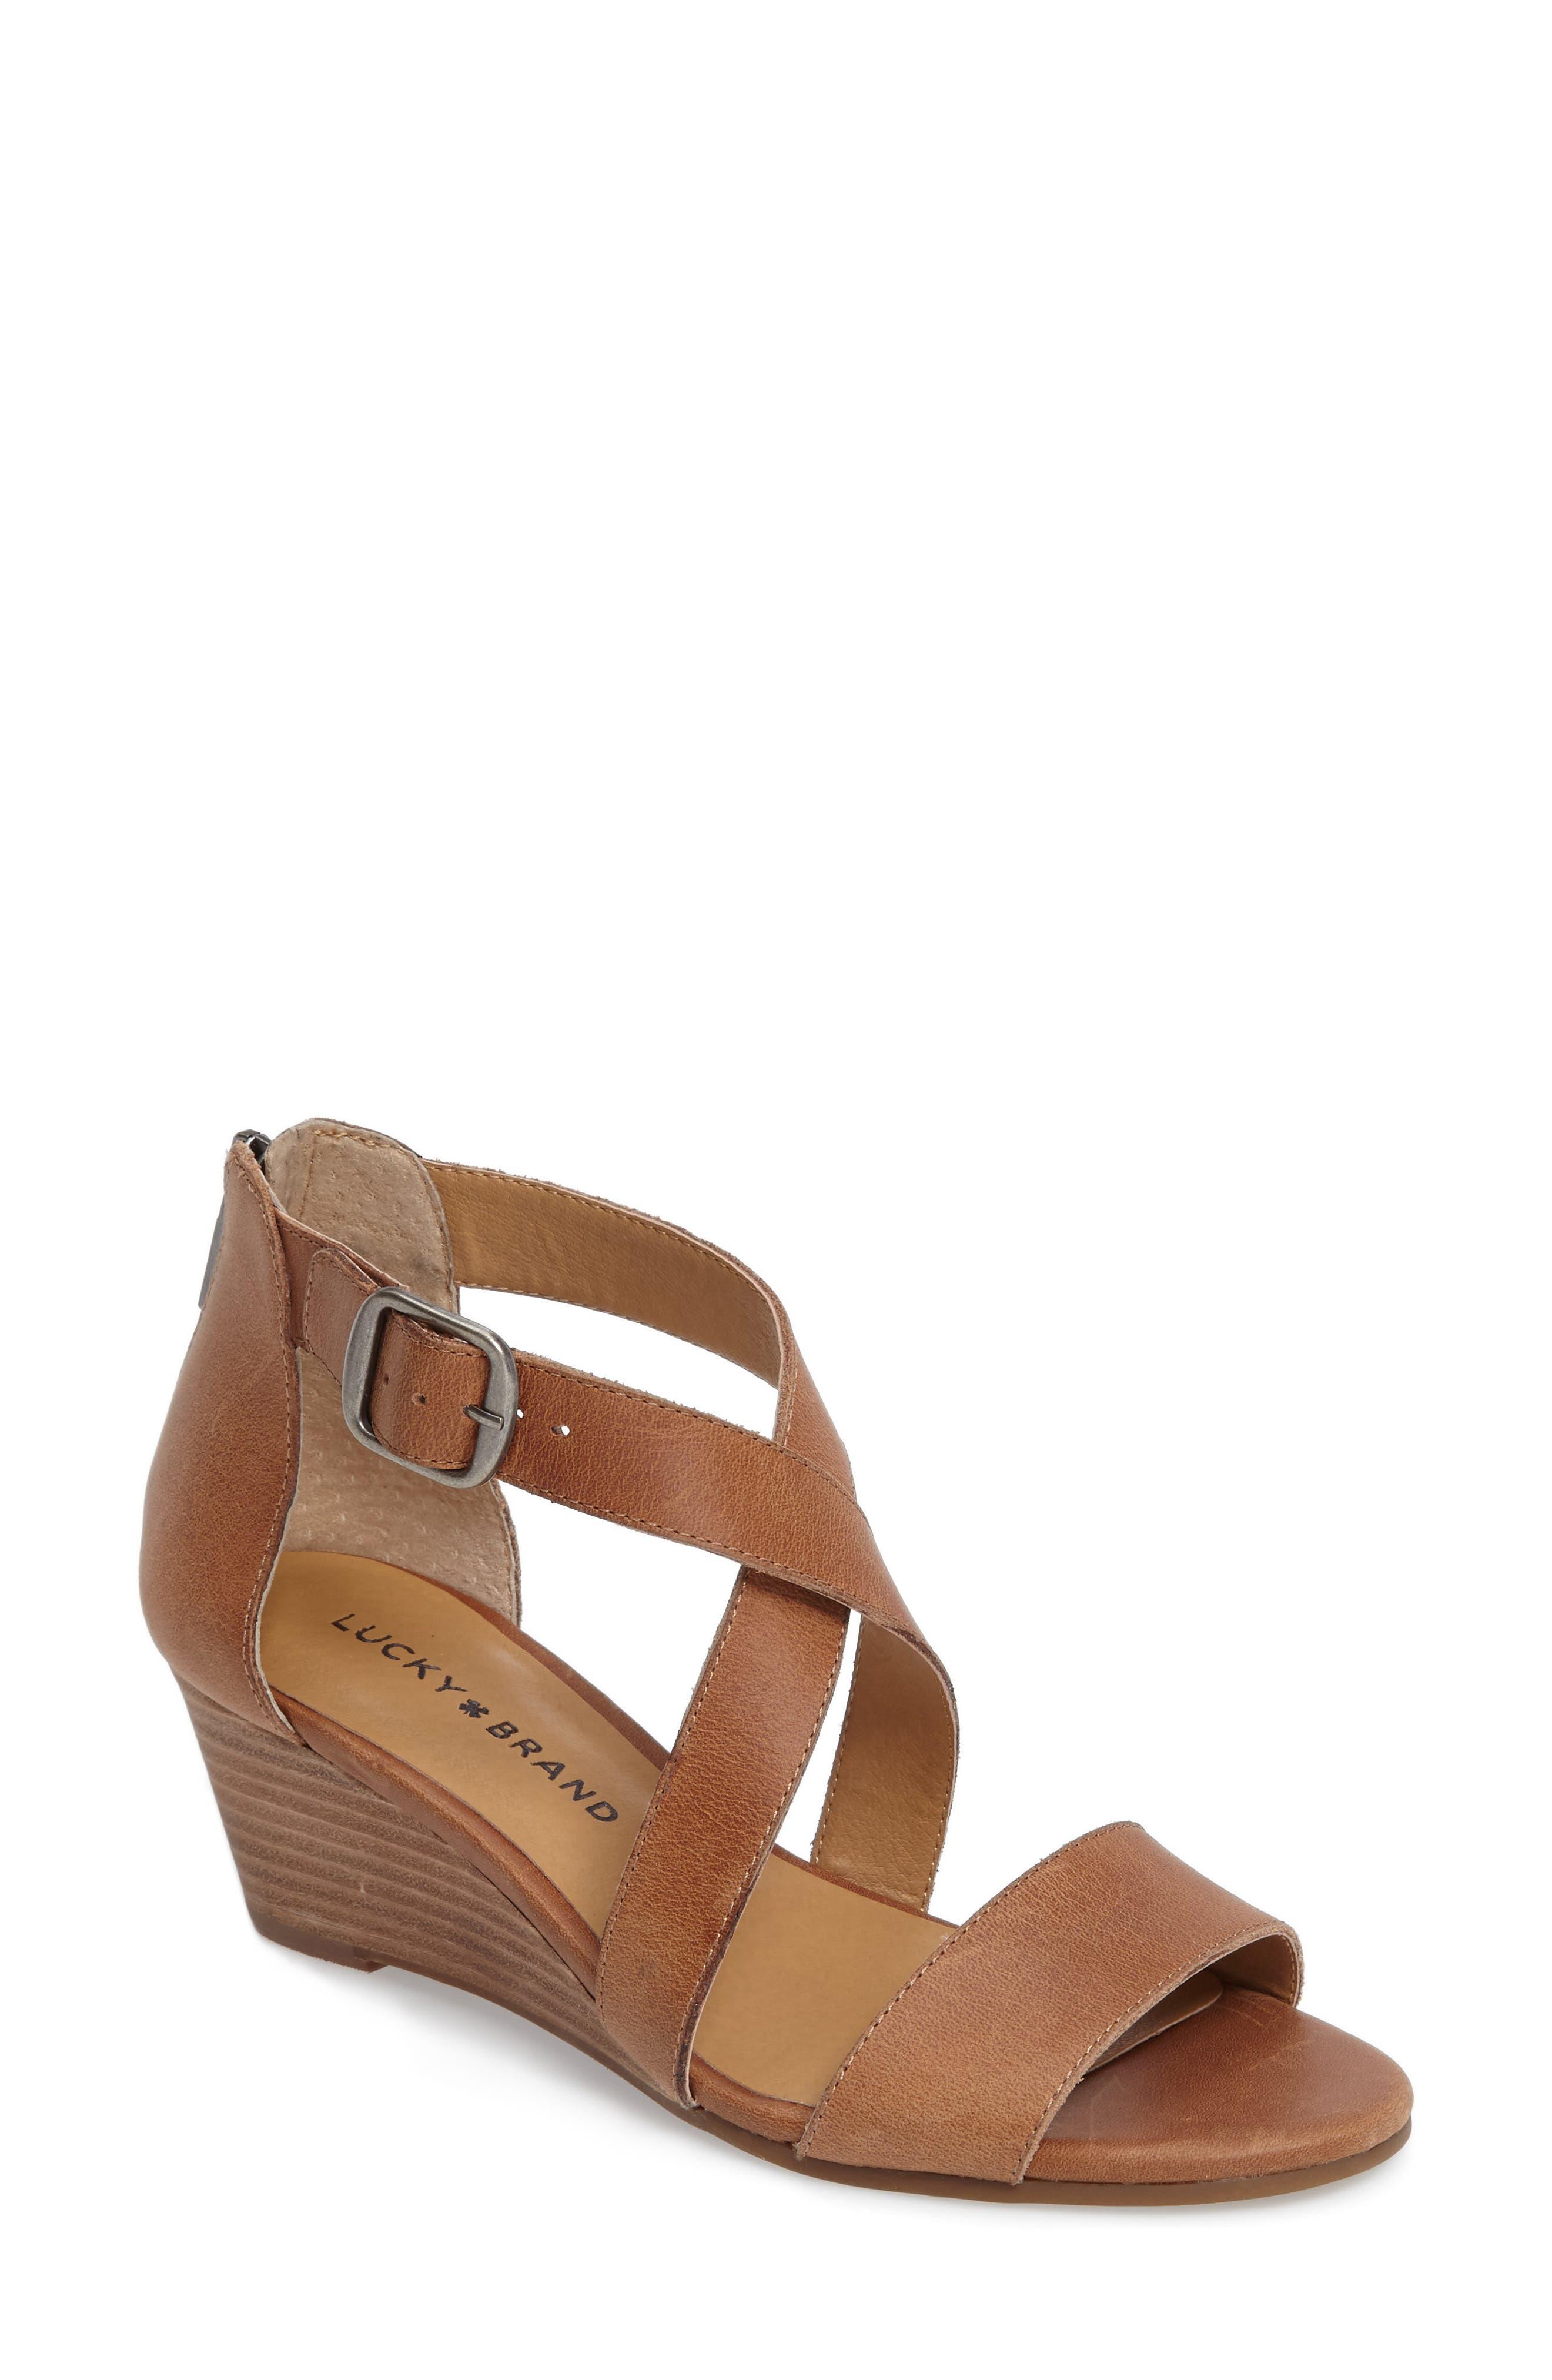 Alternate Image 1 Selected - Lucky Brand Jenley Wedge Sandal (Women)